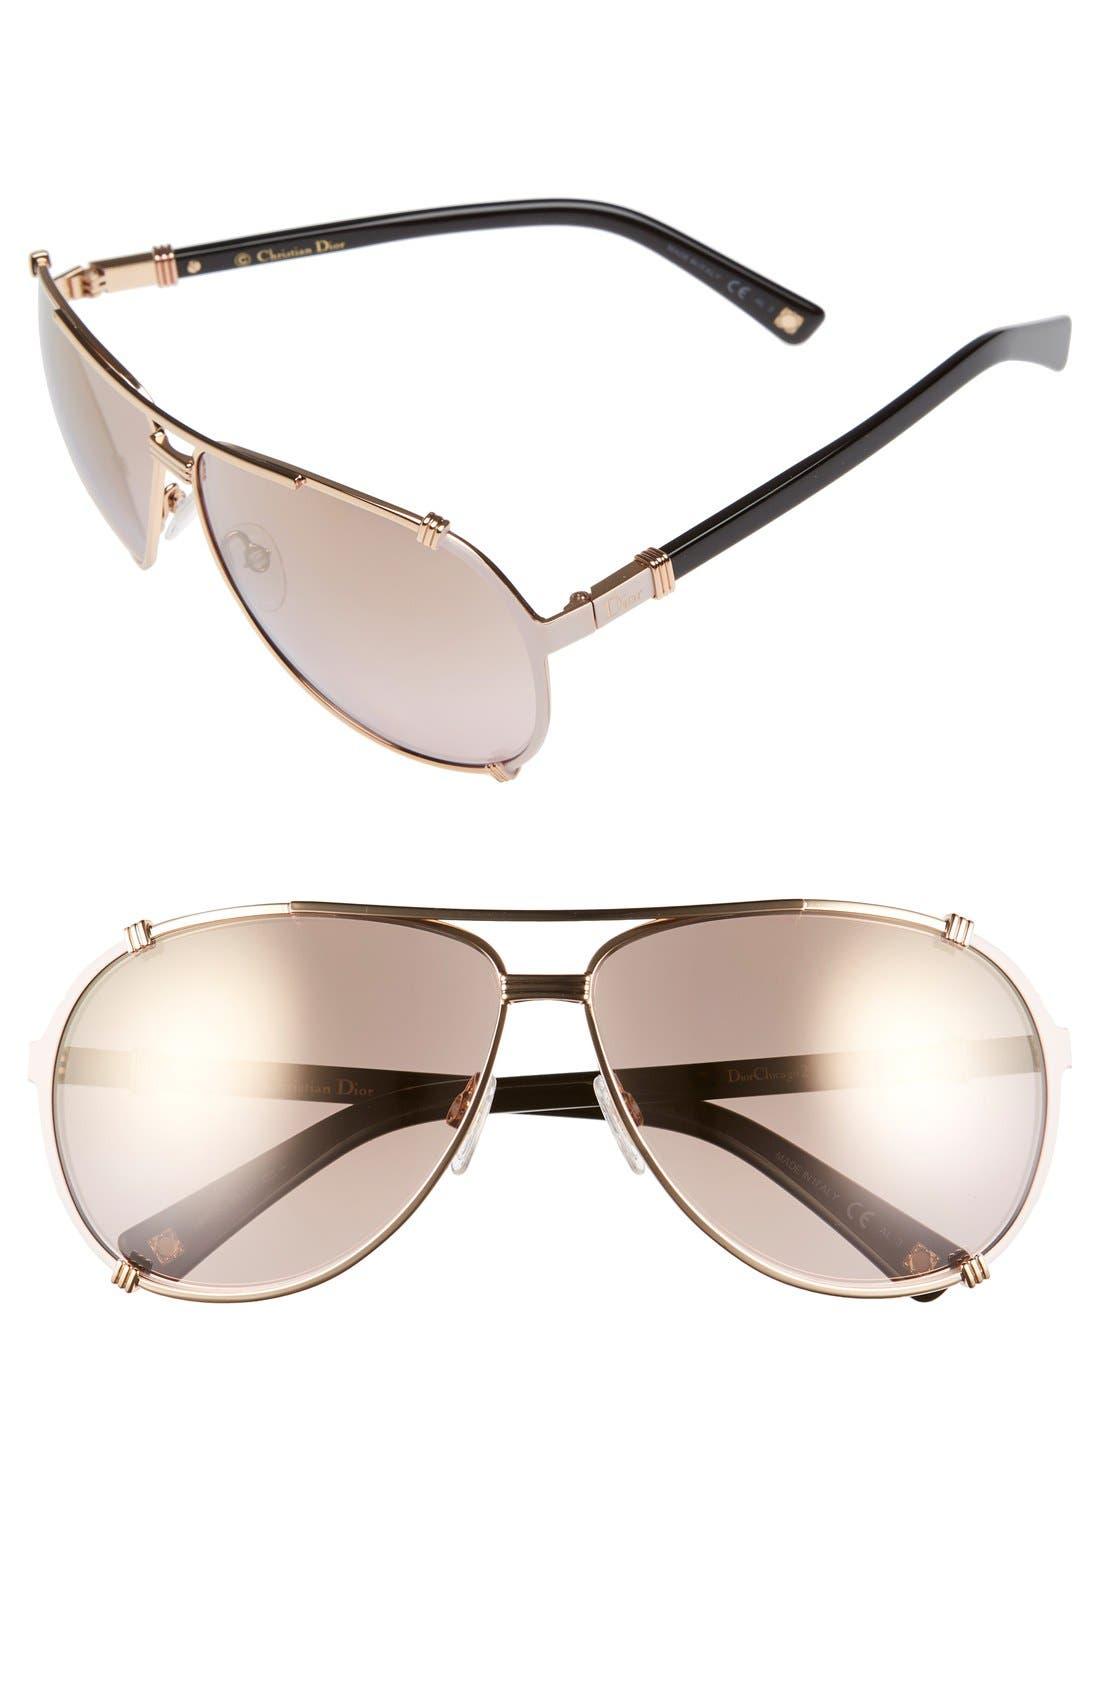 Dior 'Chicago' 63mm Metal Aviator Sunglasses